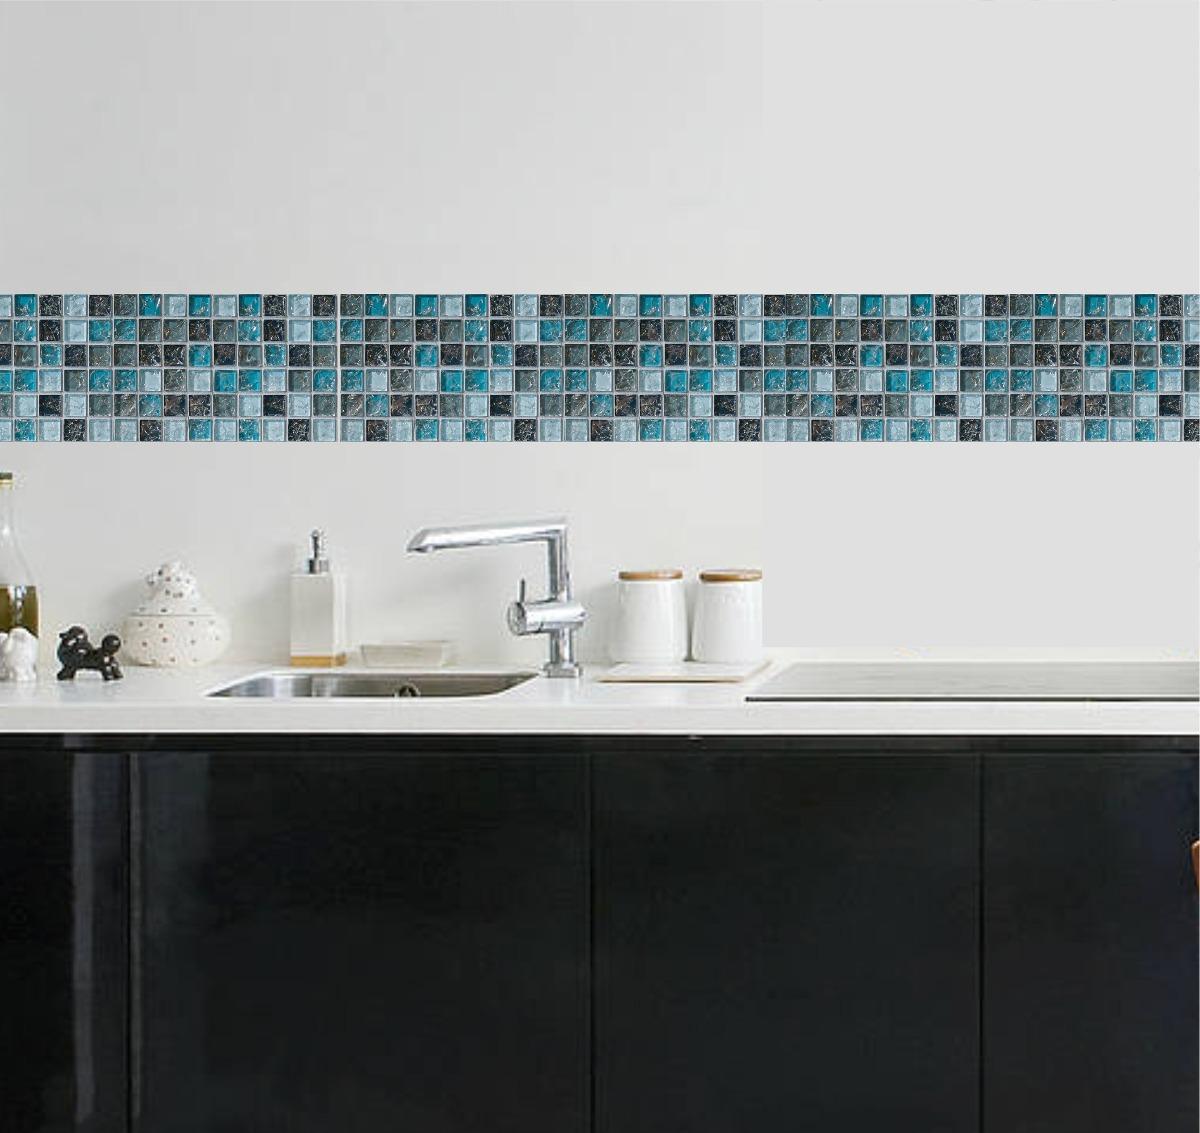 Faixa Decorativa Border Pastilhas Cozinha Banheiro Adesivo  R$ 69,90 em Merc -> Banheiro Com Faixa De Pastilha Preta